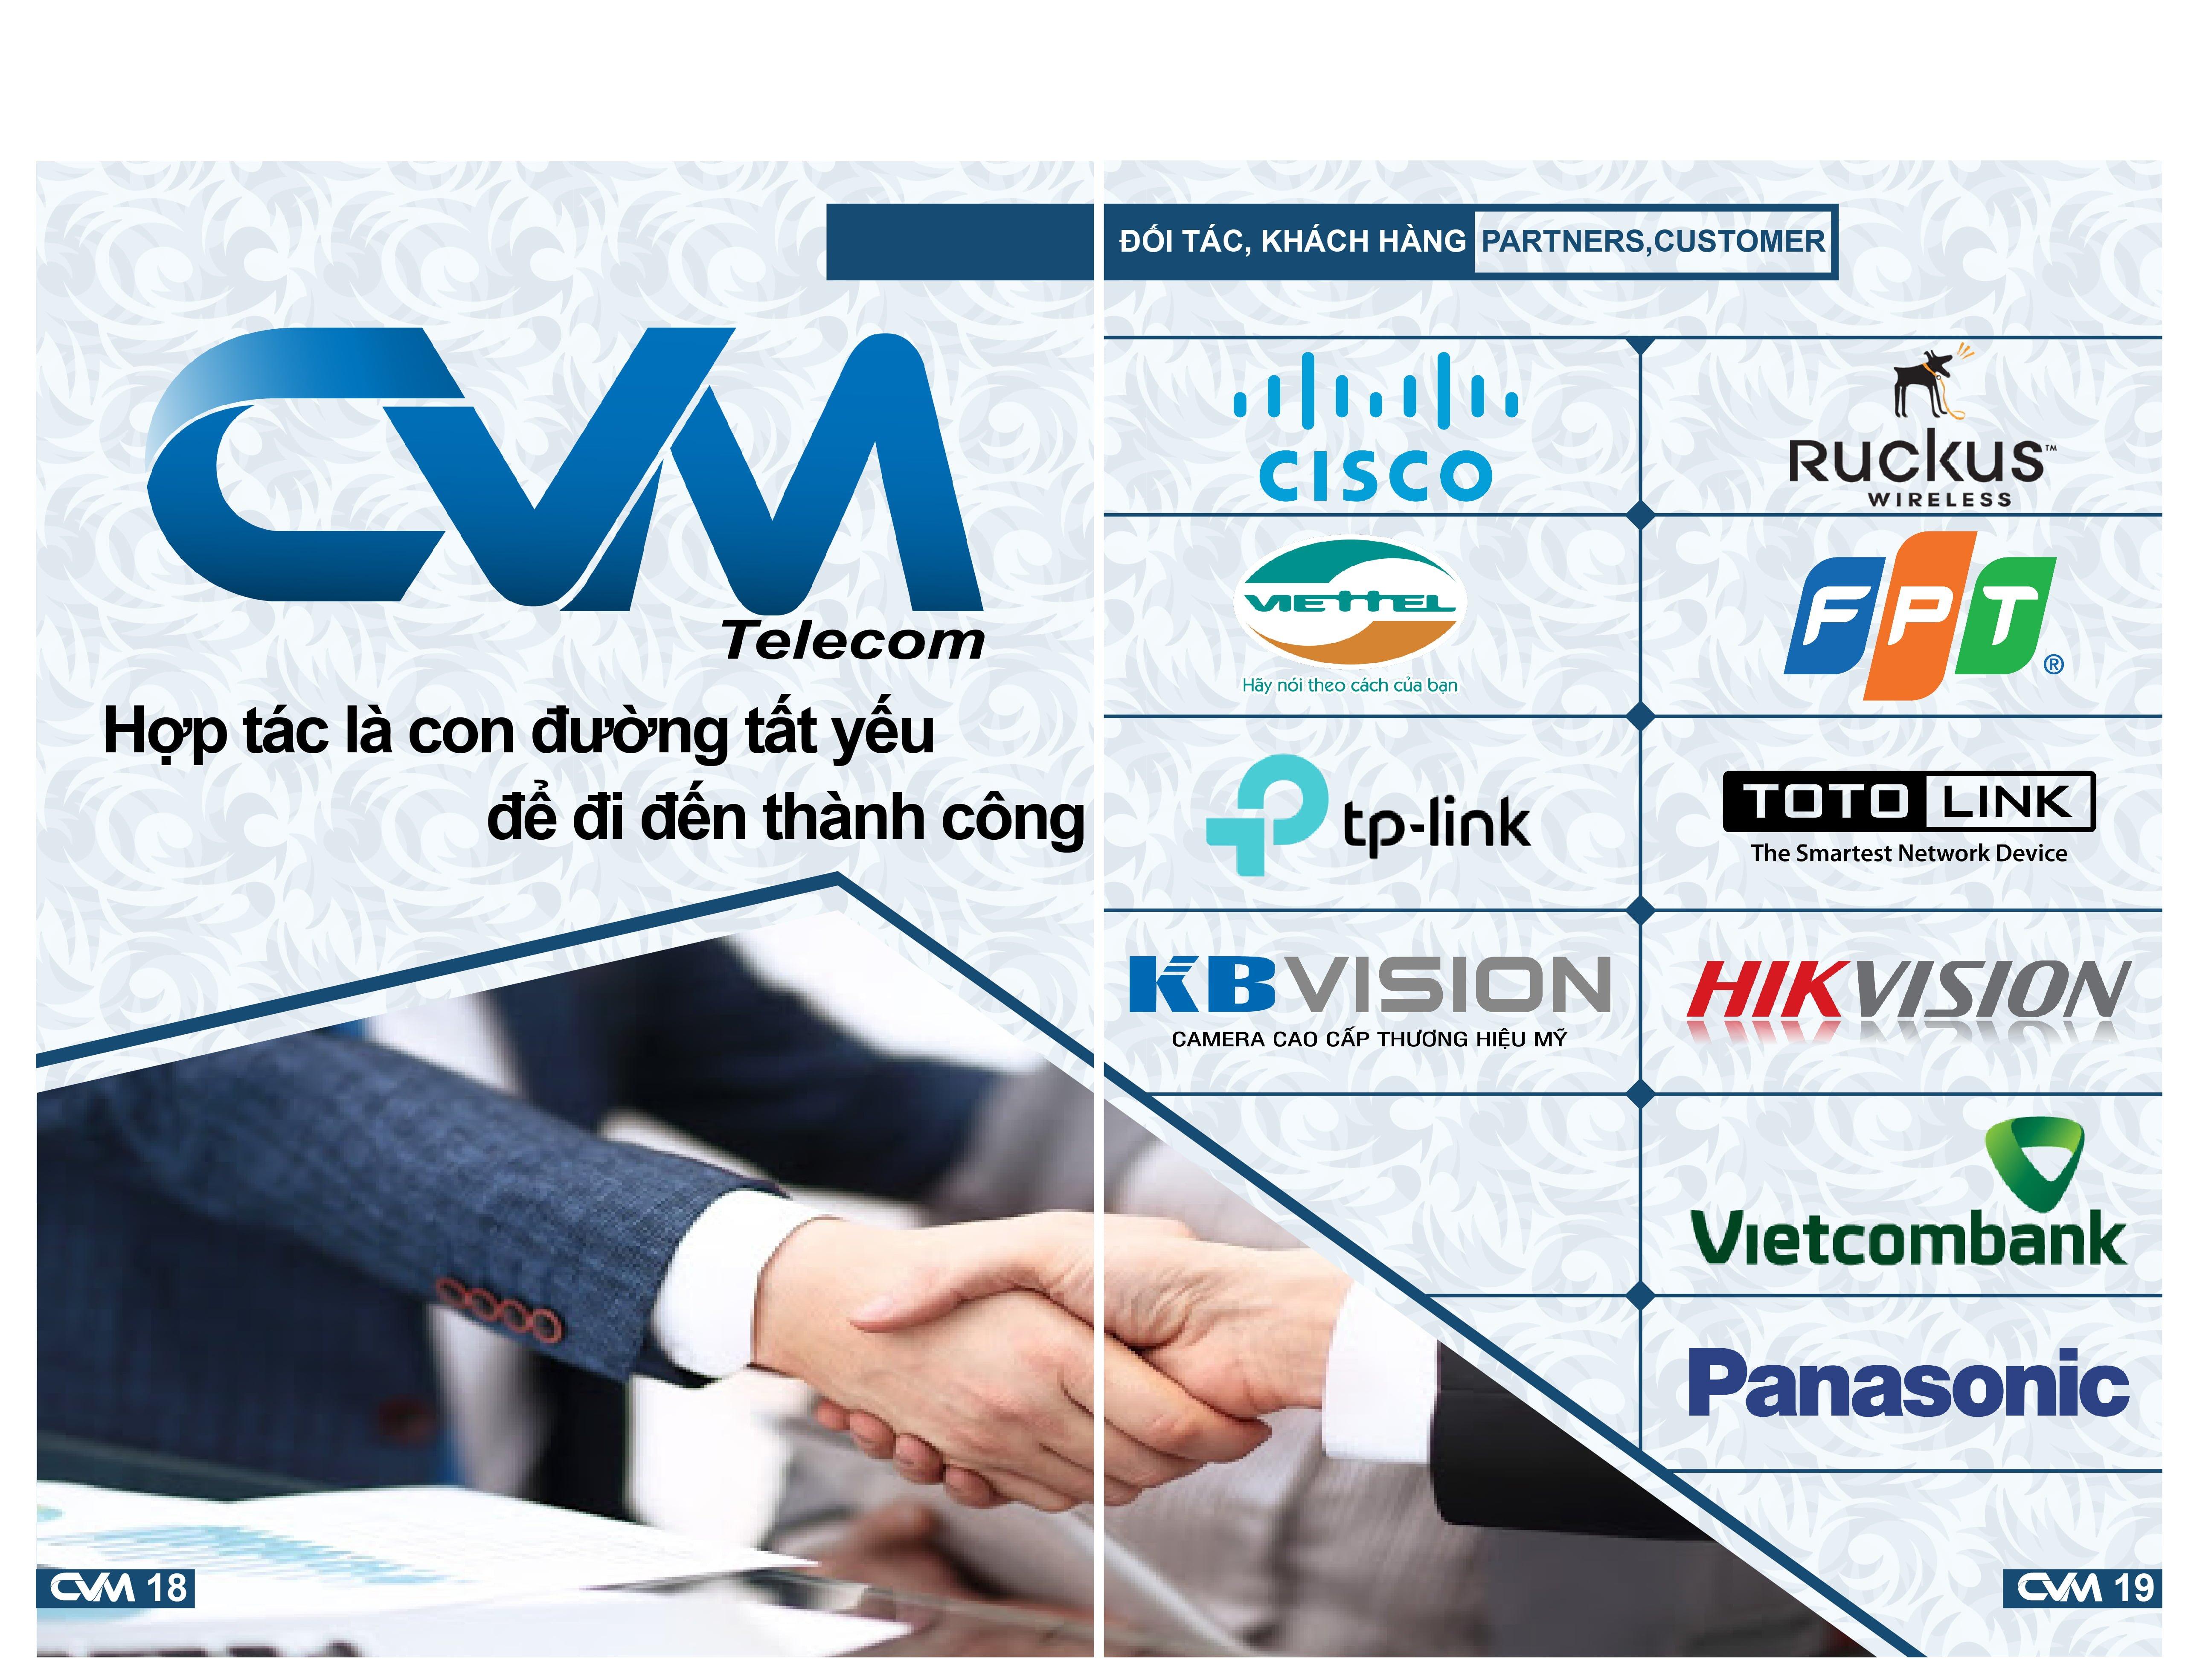 Đối tác của CVM